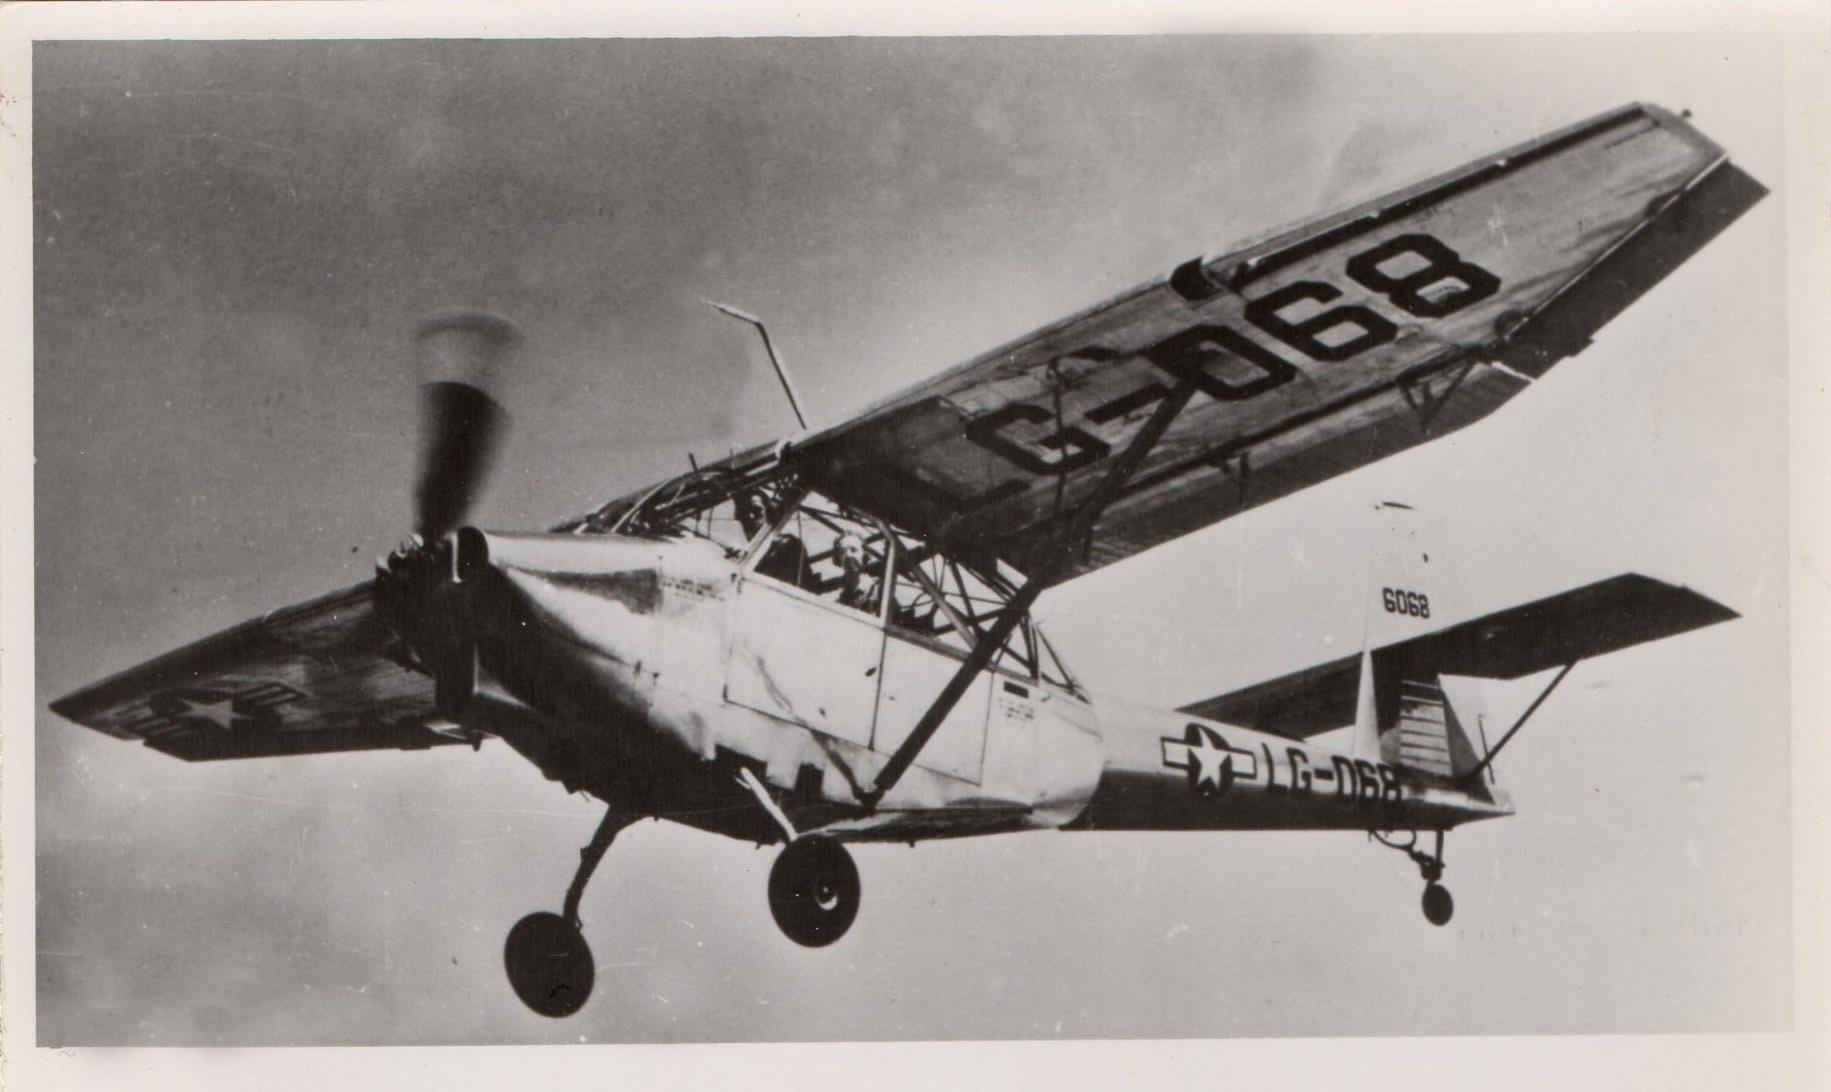 Naam: Unknown aircraft LG-068.JPG Bekeken: 224 Grootte: 277,2 KB